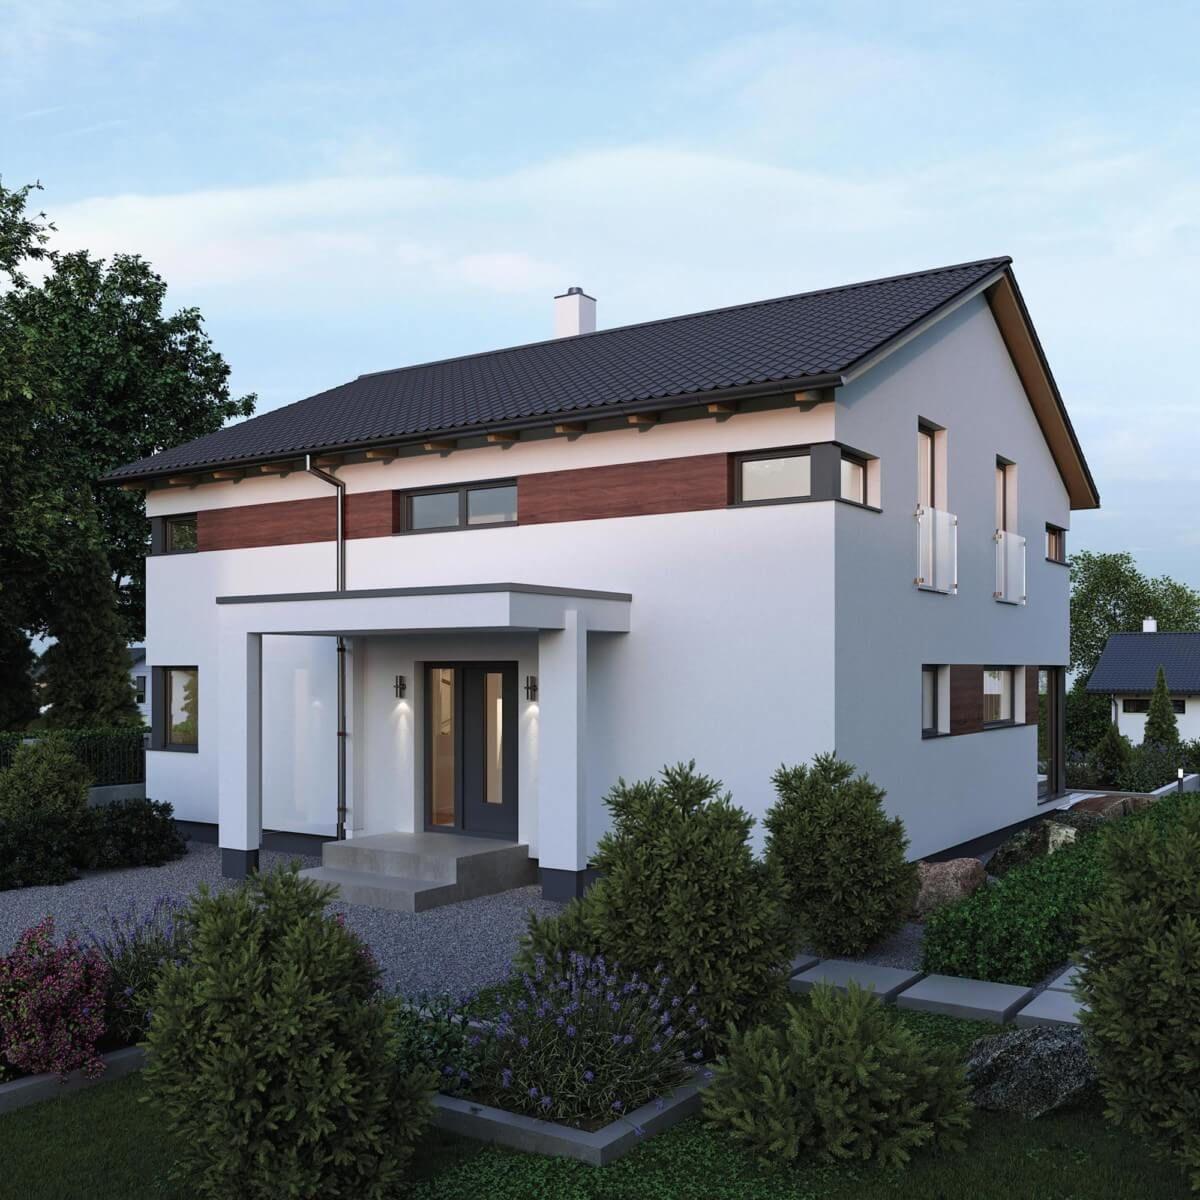 Einfamilienhaus Neubau mit Satteldach Architektur modern & Galerie ...